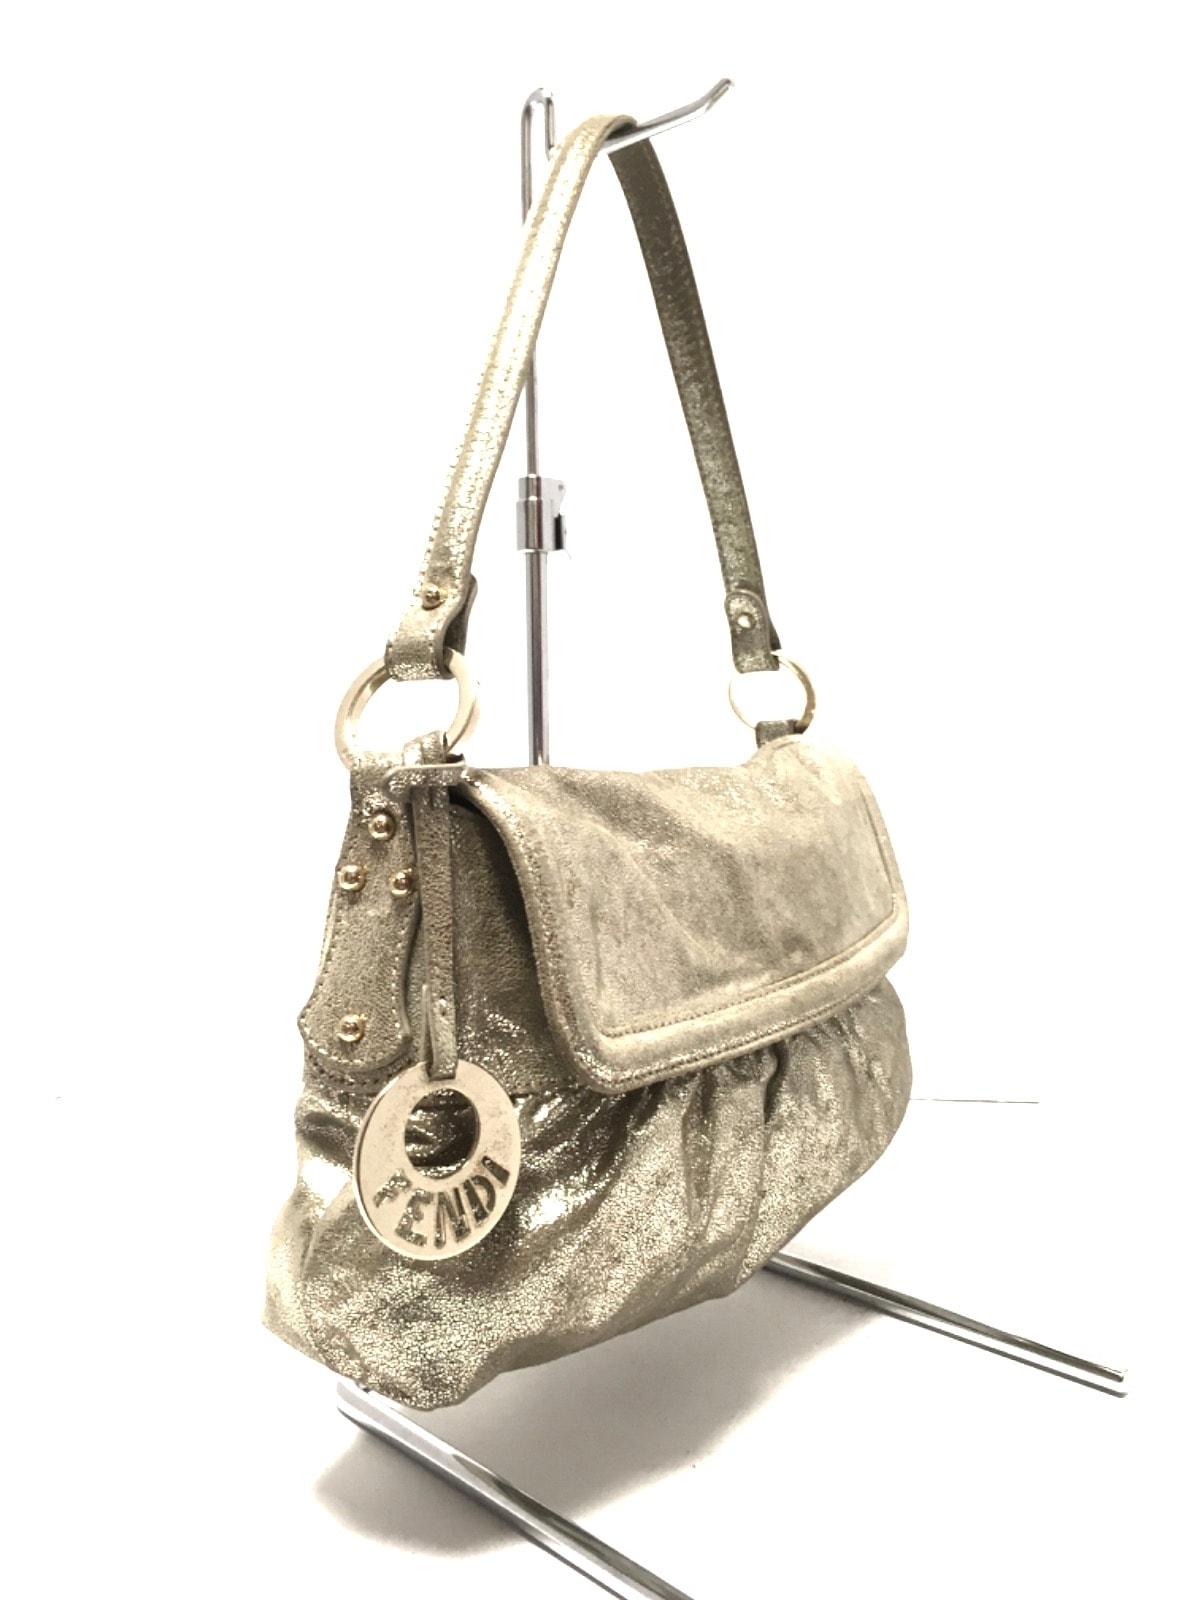 FENDI(フェンディ)のシェフバッグ